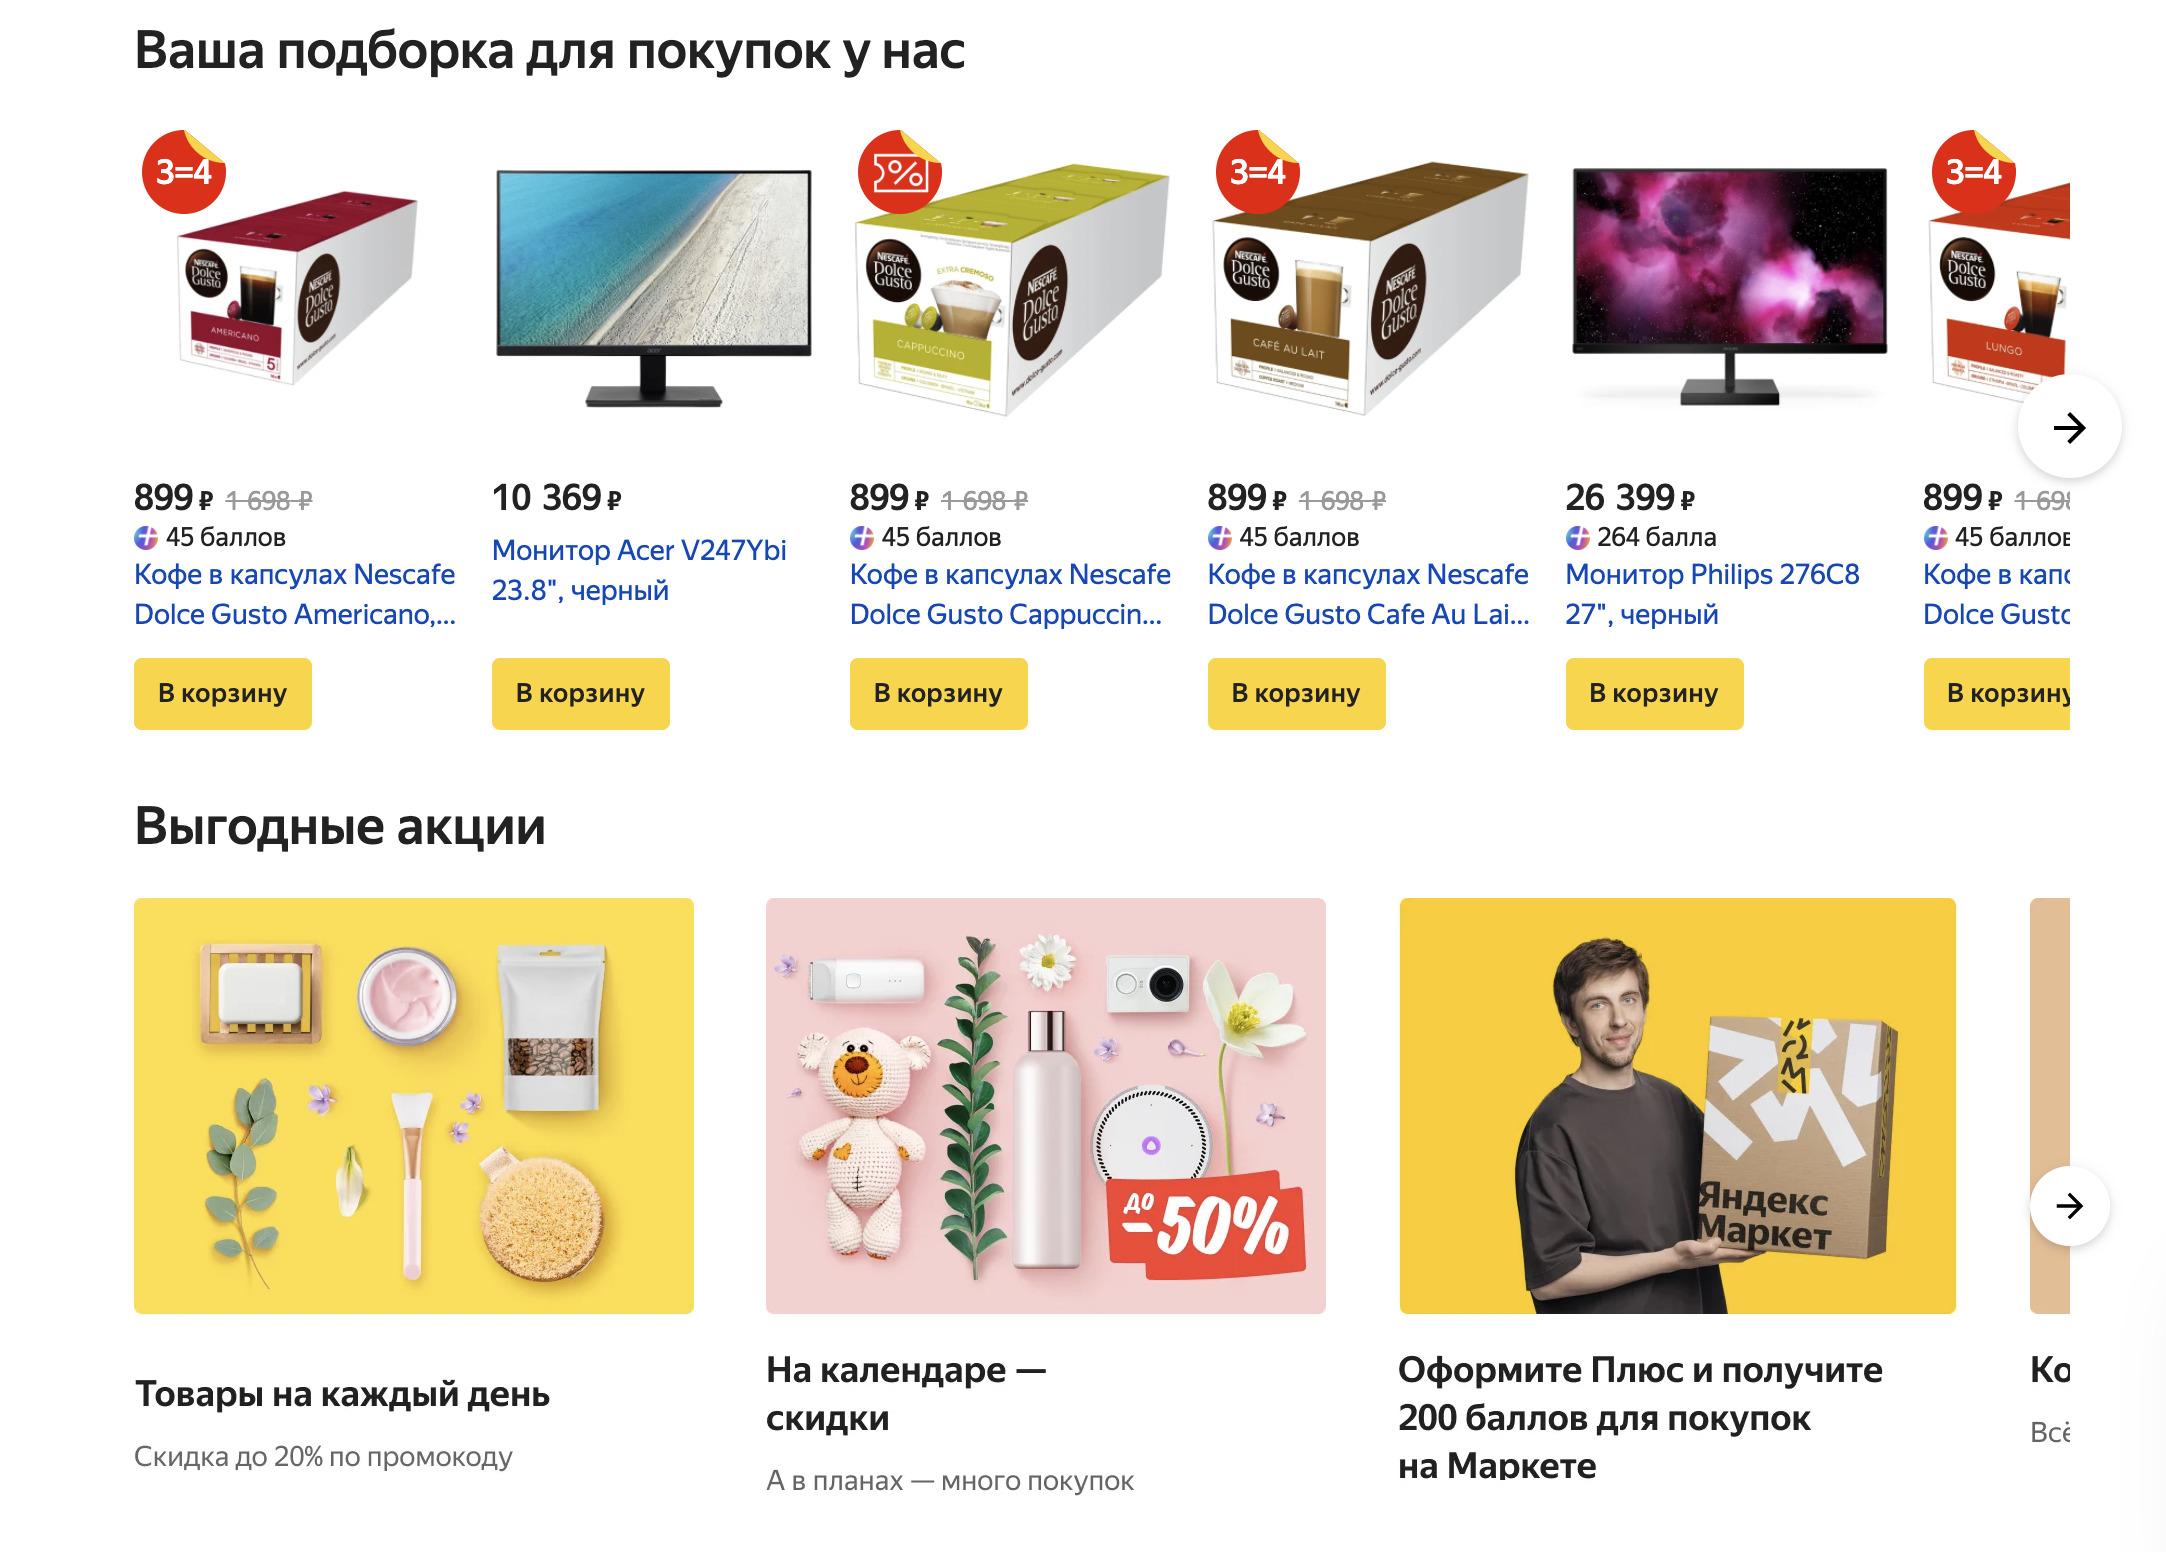 Доставка из Яндекс.Маркет в Республику Северная Осетия - Алания, сроки, пункты выдачи, каталог